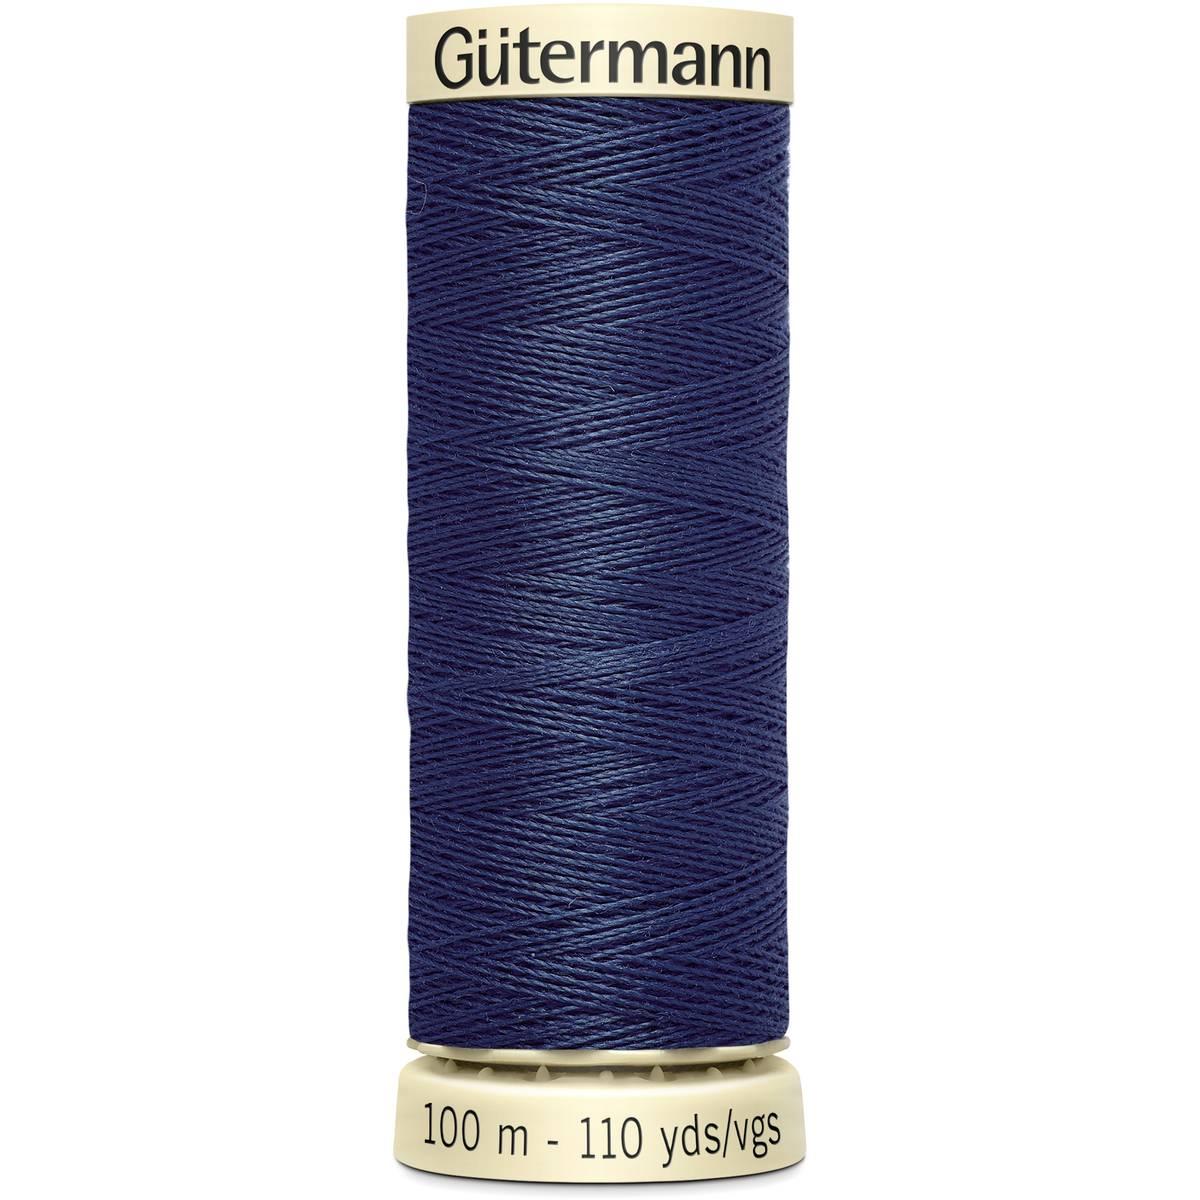 חוט תפירה גוטרמן - Blue 537